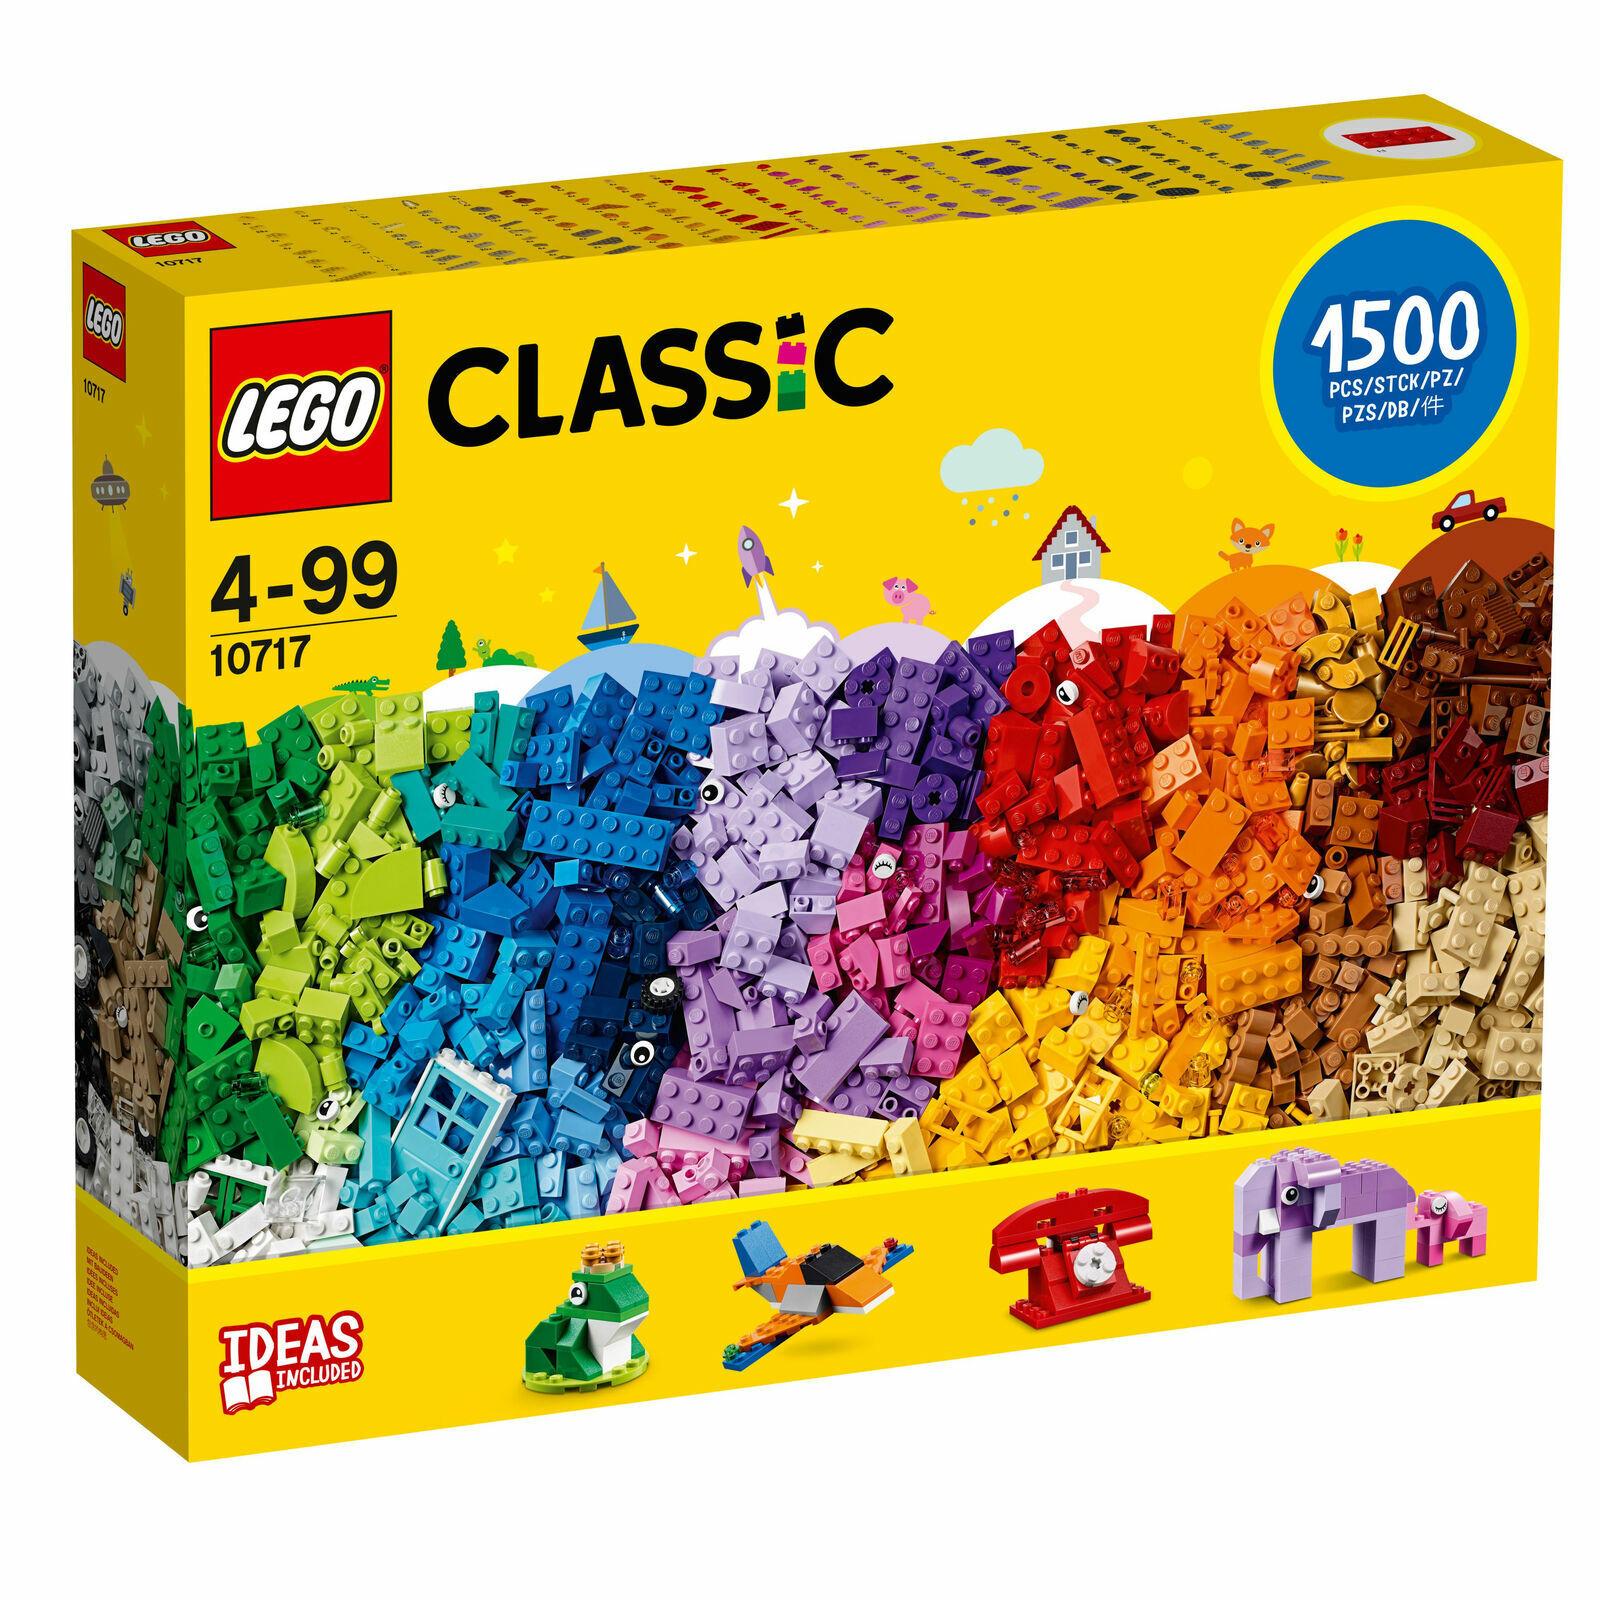 Ladrillos Lego Classic 10717 ladrillos ladrillos 1500 piezas de este conjunto